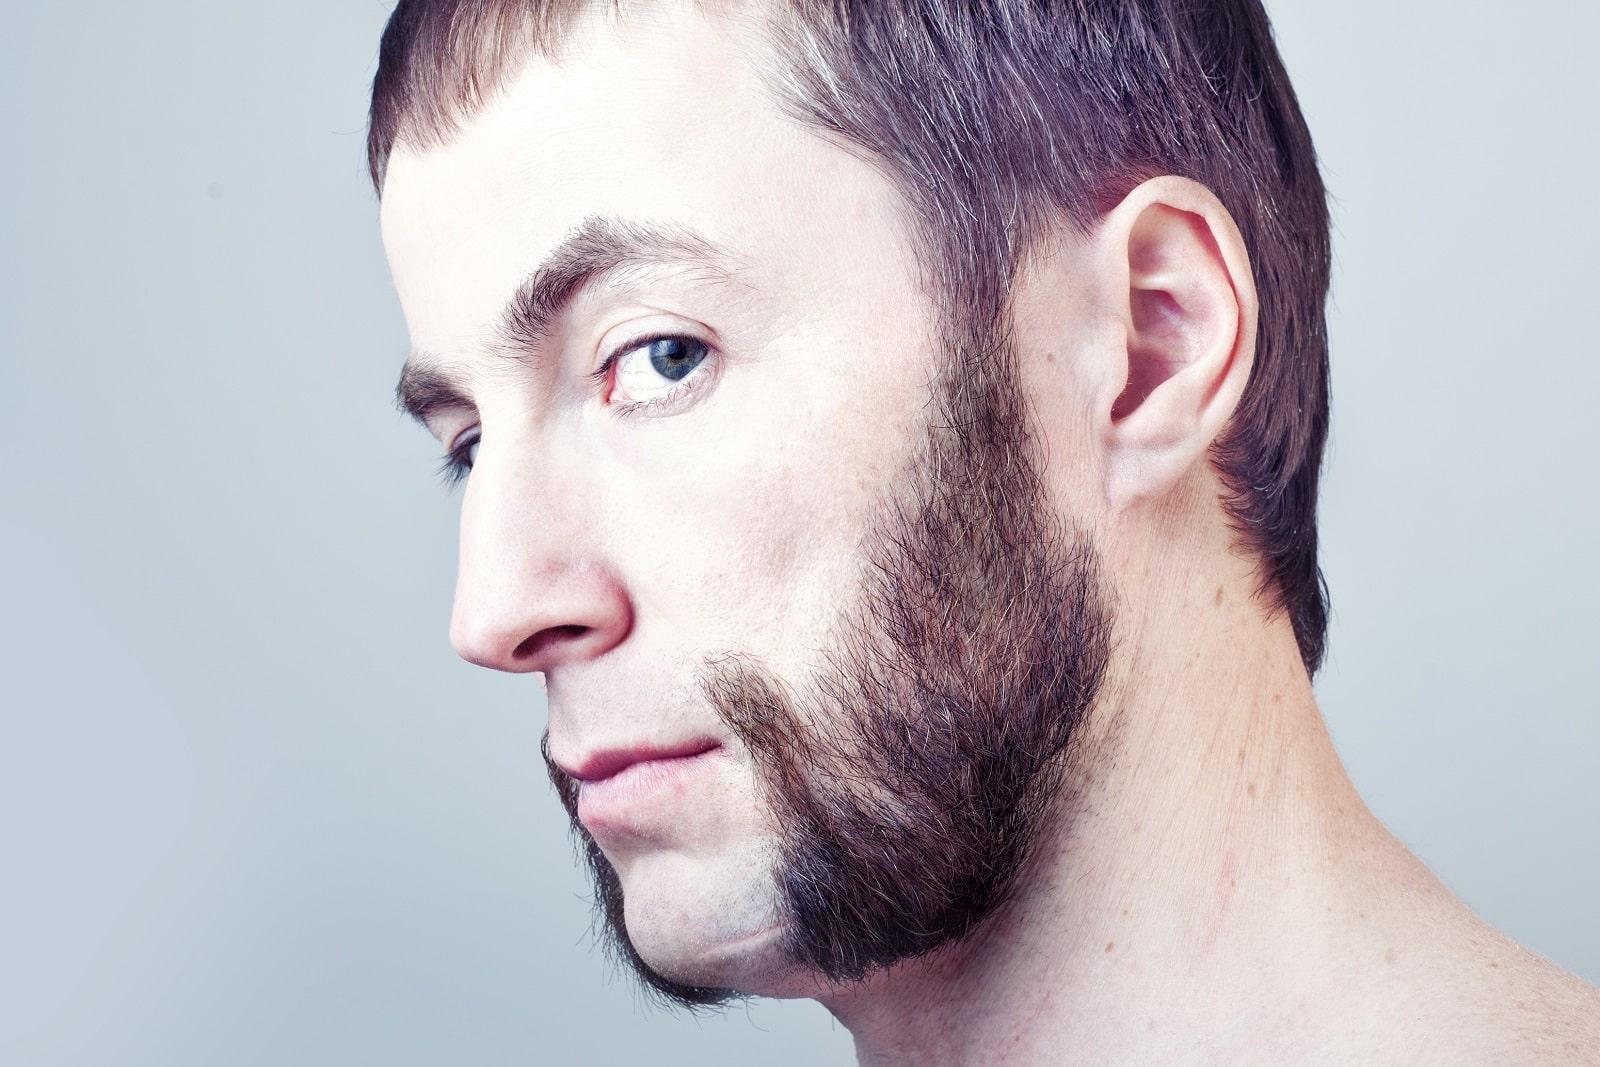 Mann mit einem Backenbart, Whiskery oder Sideburns genannt